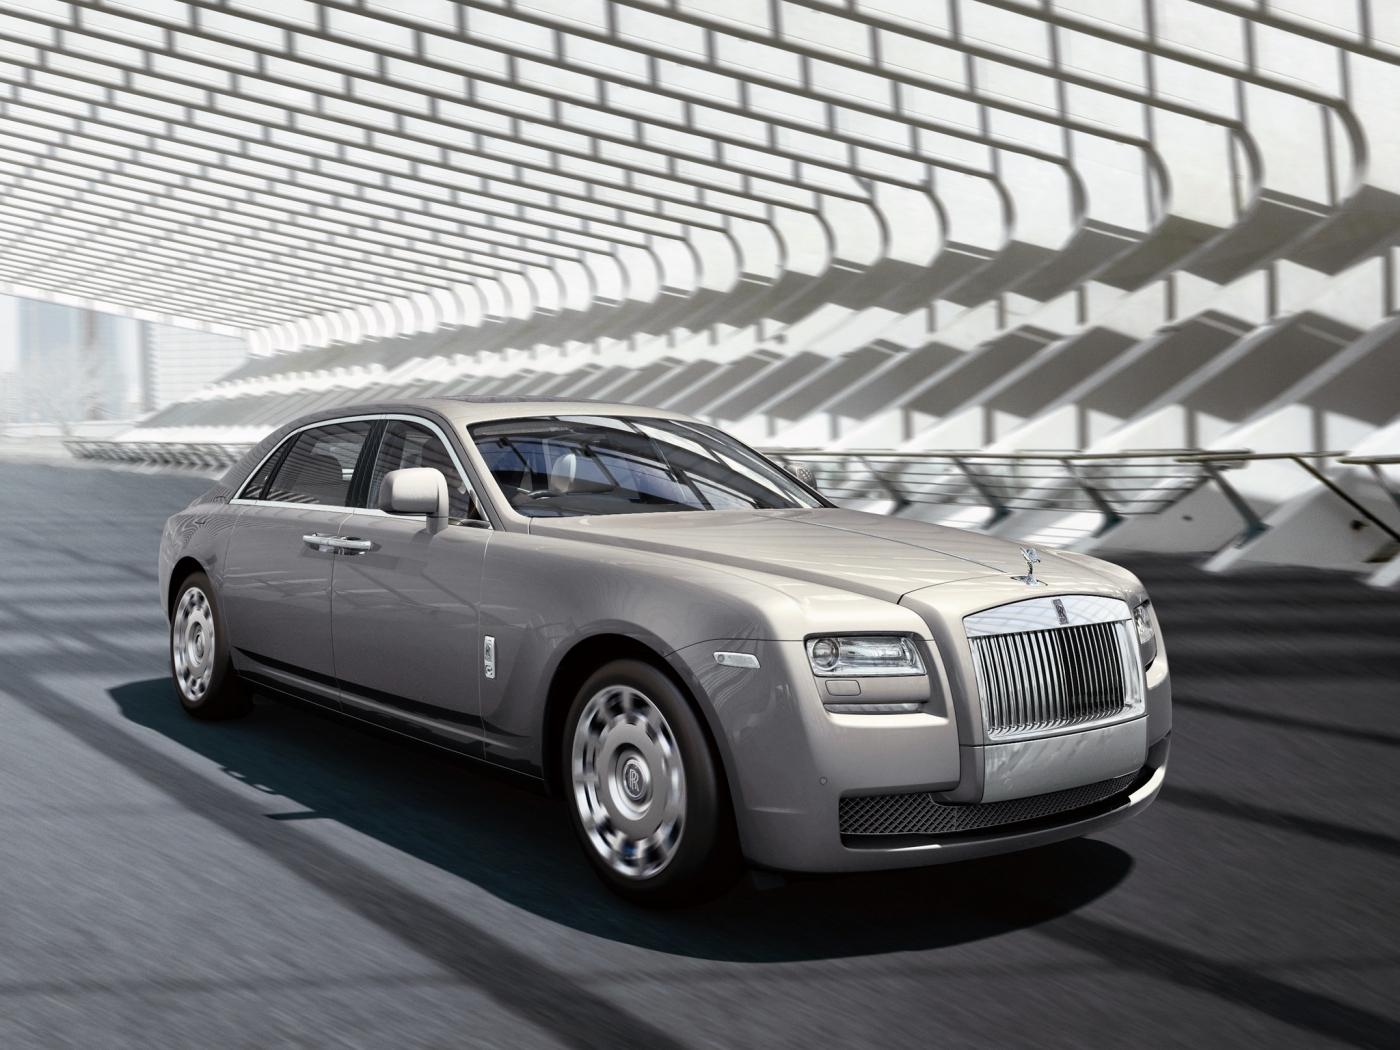 29813 скачать обои Транспорт, Машины, Ролс Ройс (Rolls-Royce) - заставки и картинки бесплатно